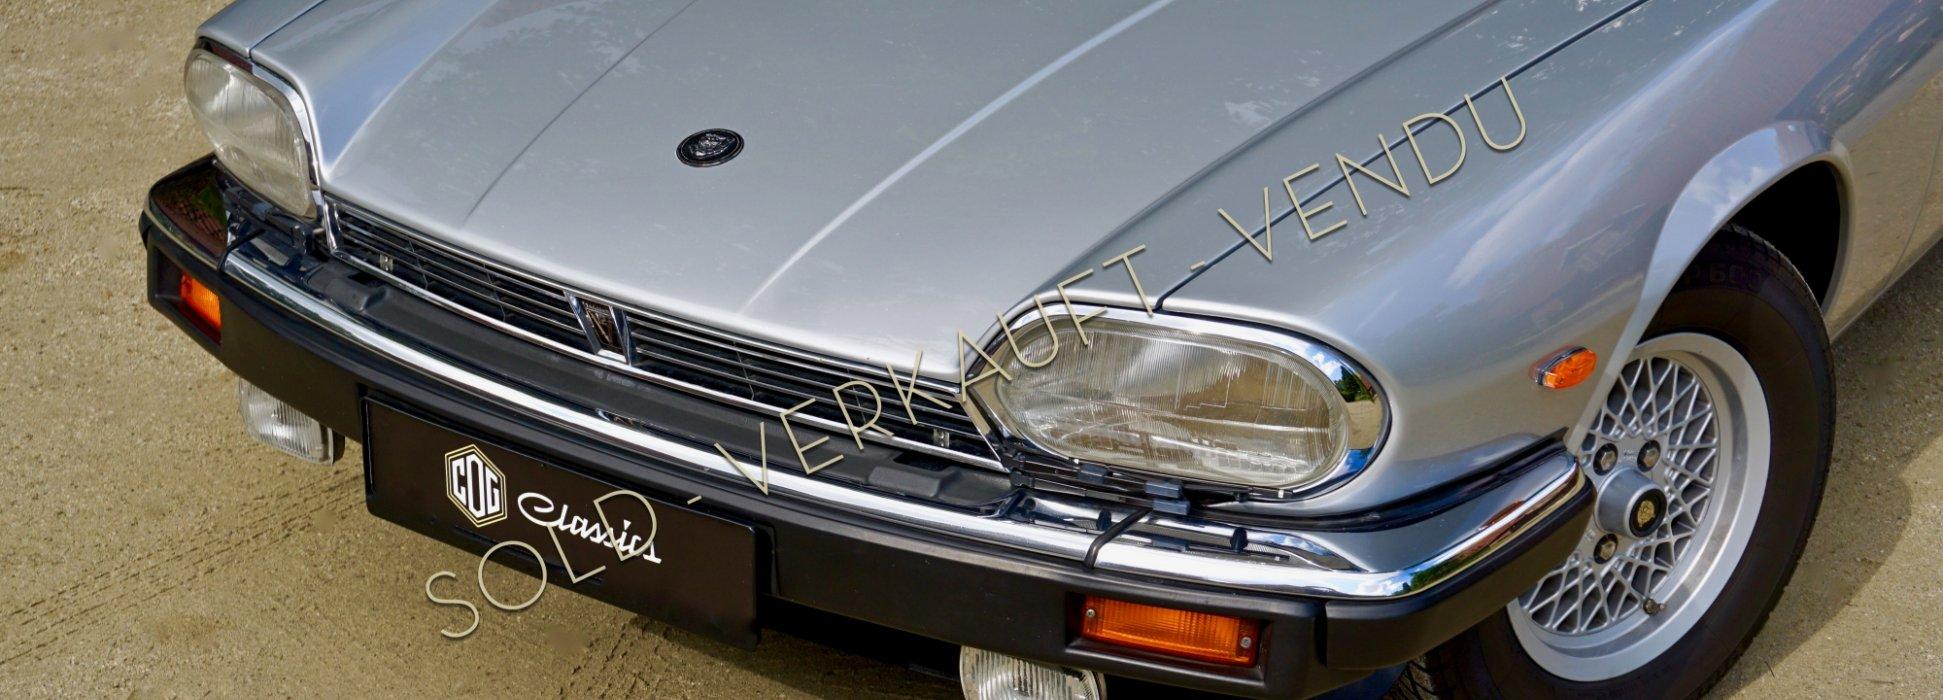 Jaguar XJS V12 Convertible 2